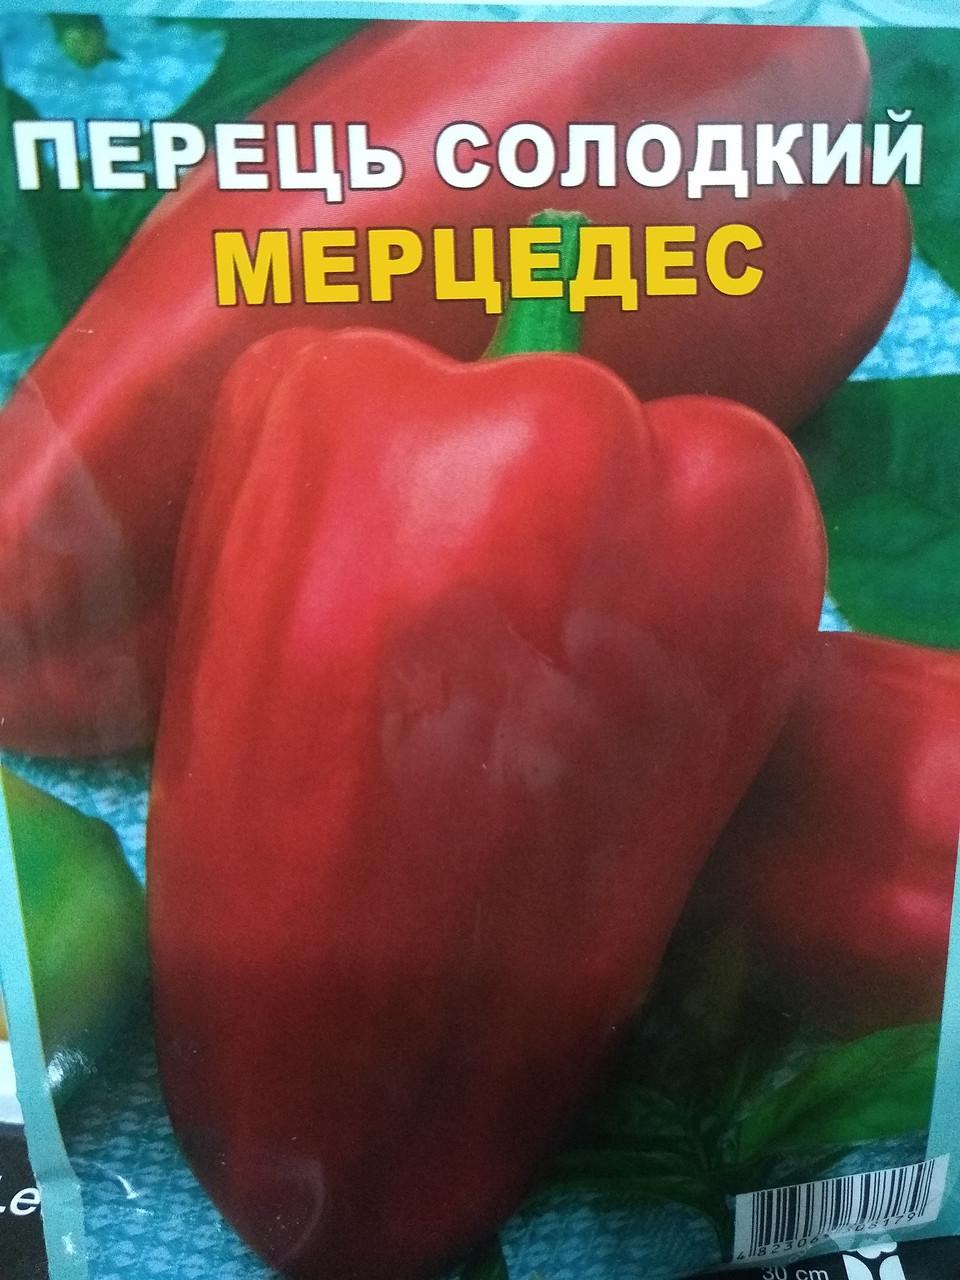 Перець солодкий Мерцедес надранній насіння 5 г, Україна